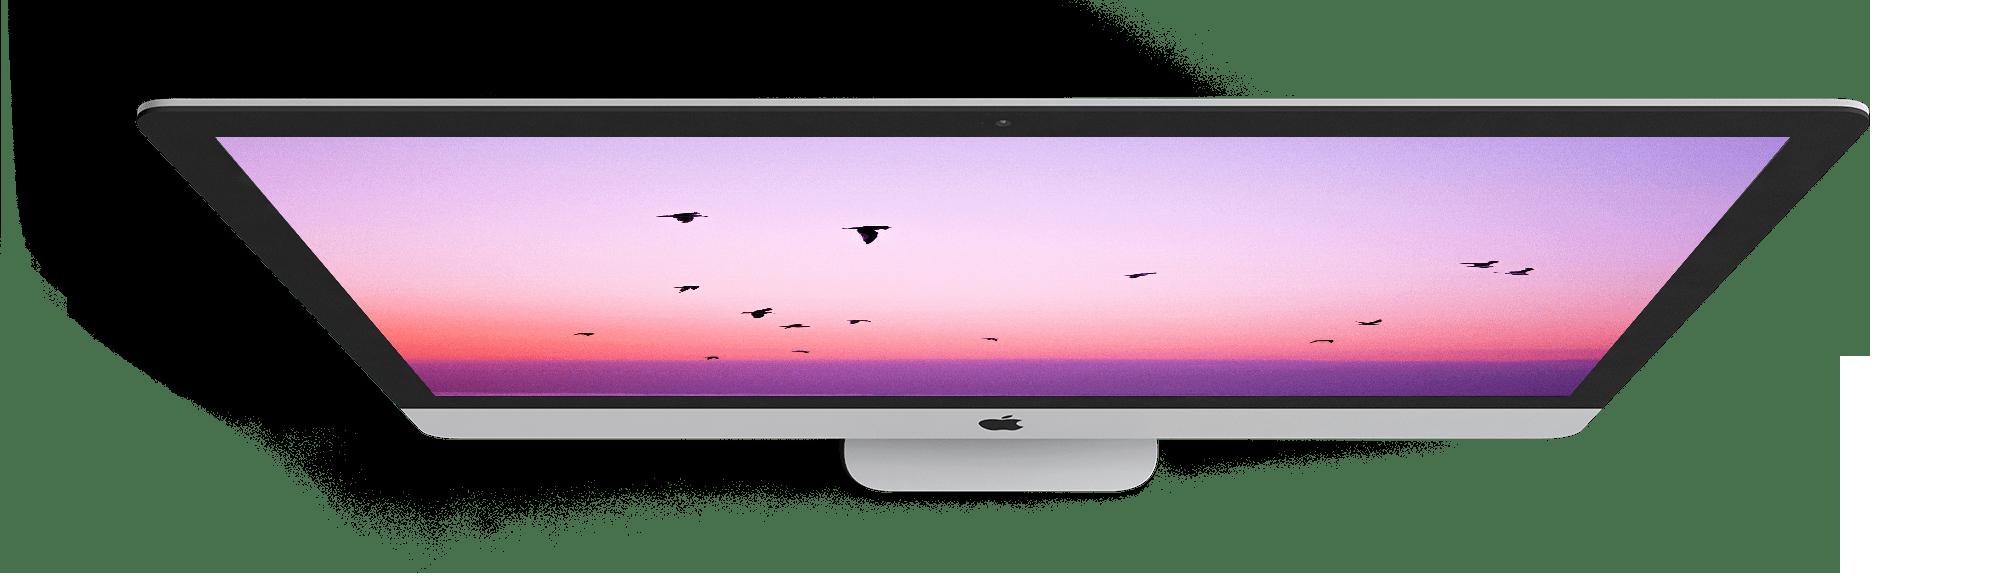 macscreen